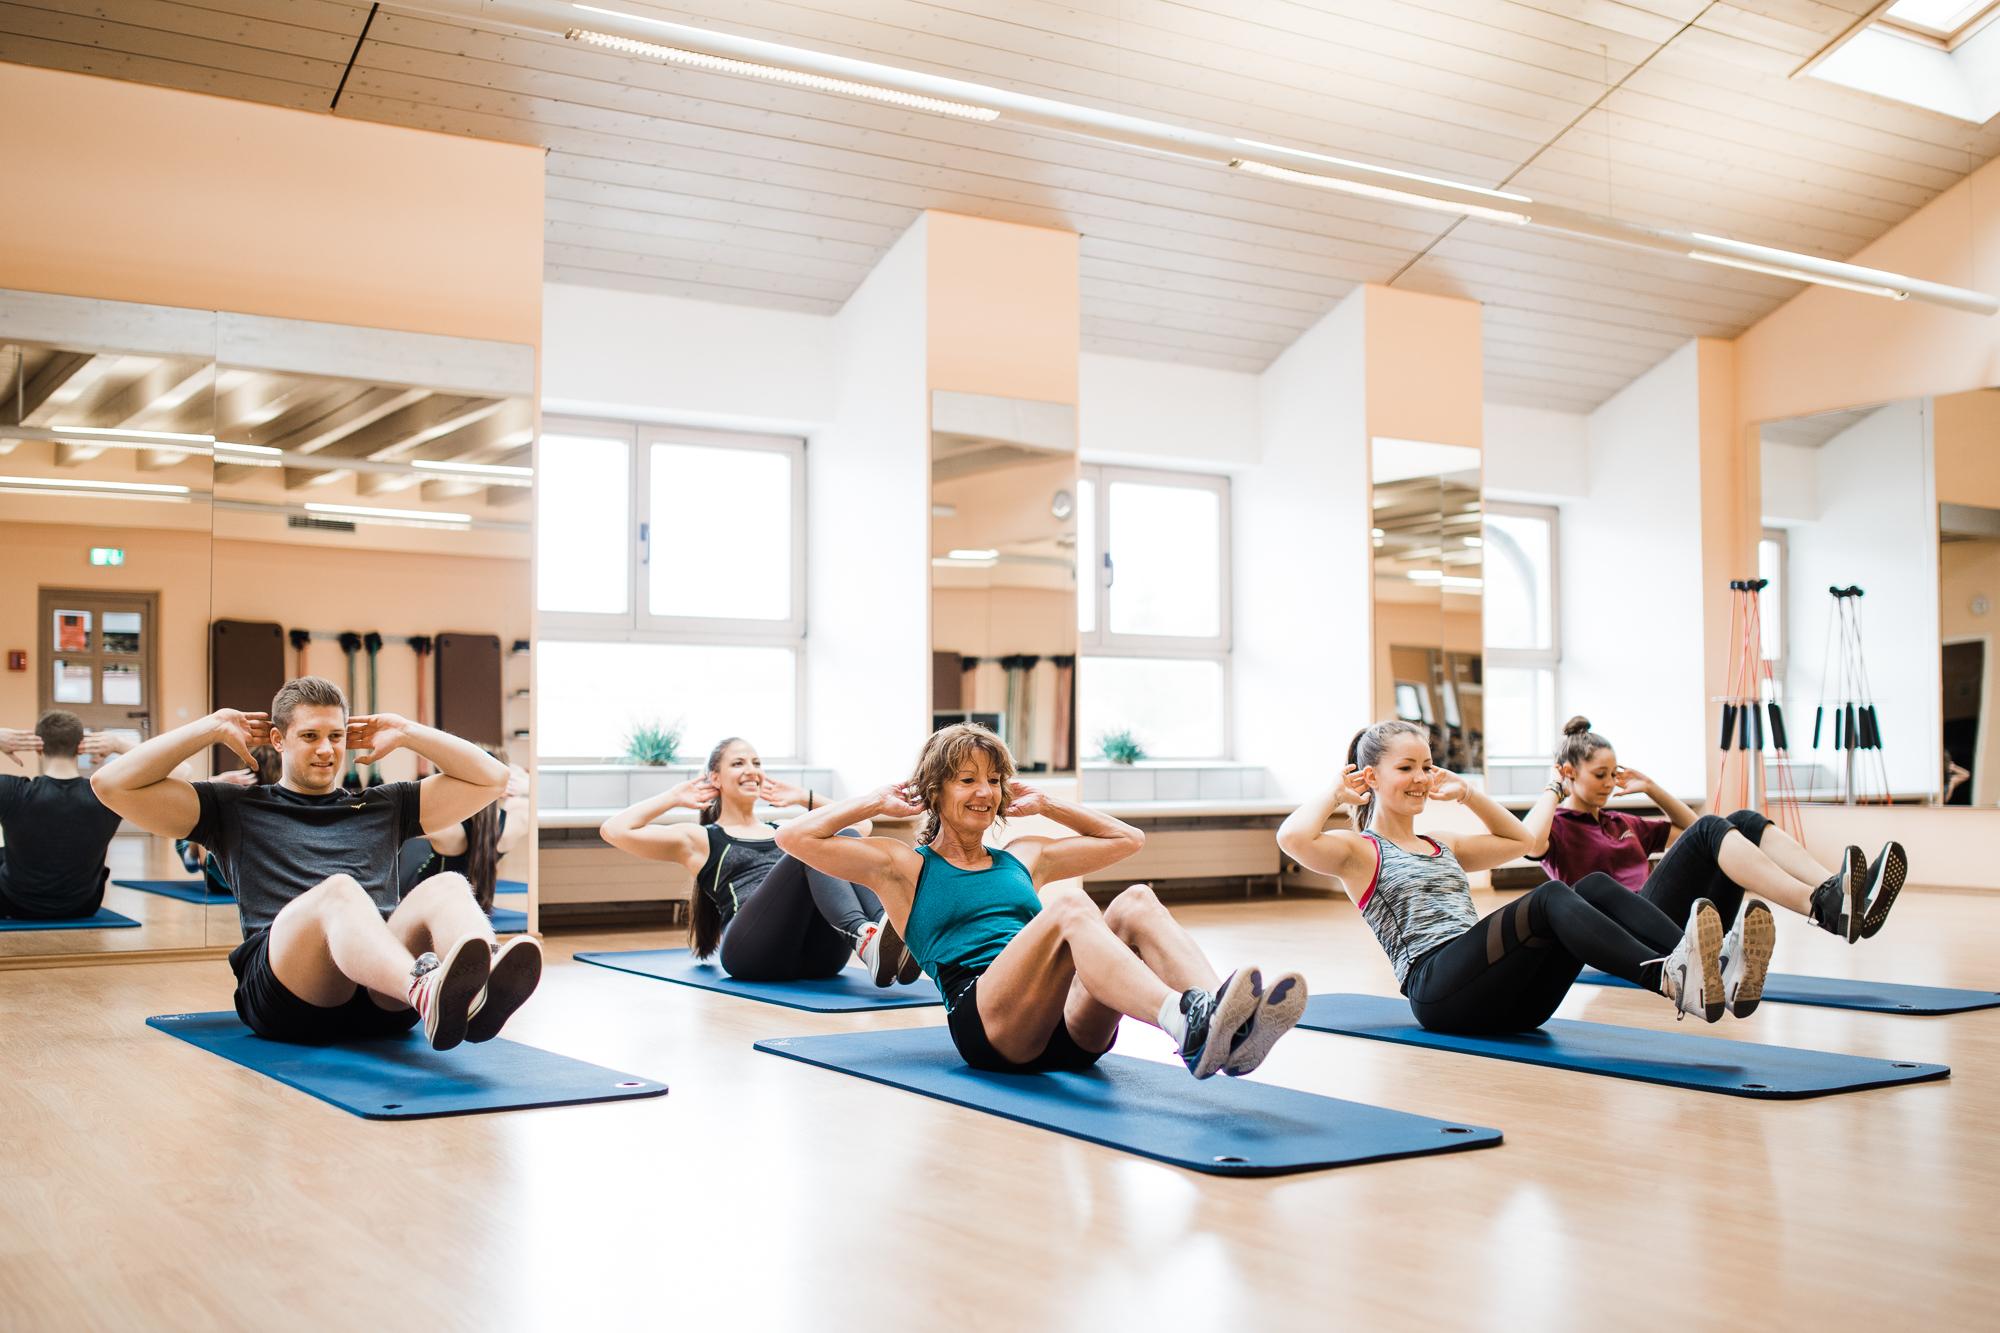 Yogagruppe im Sportstudio Guffanti